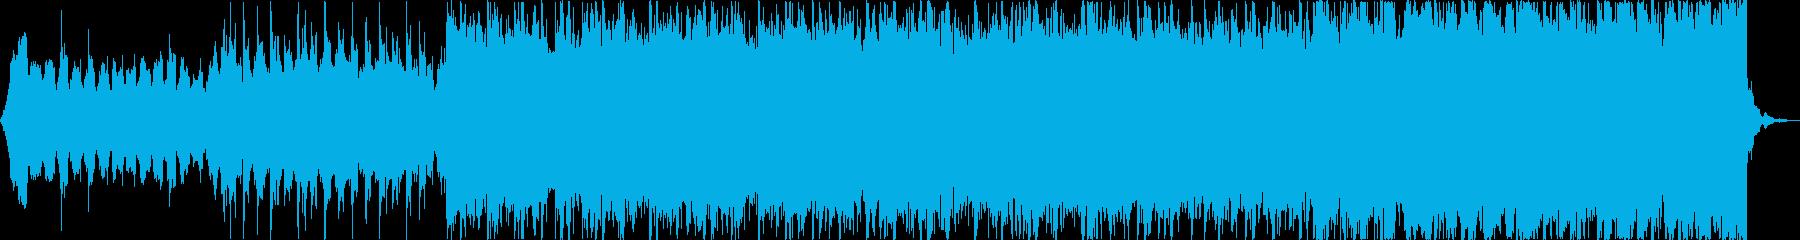 雄大壮大自然海夏EDMトロピカルハウスbの再生済みの波形